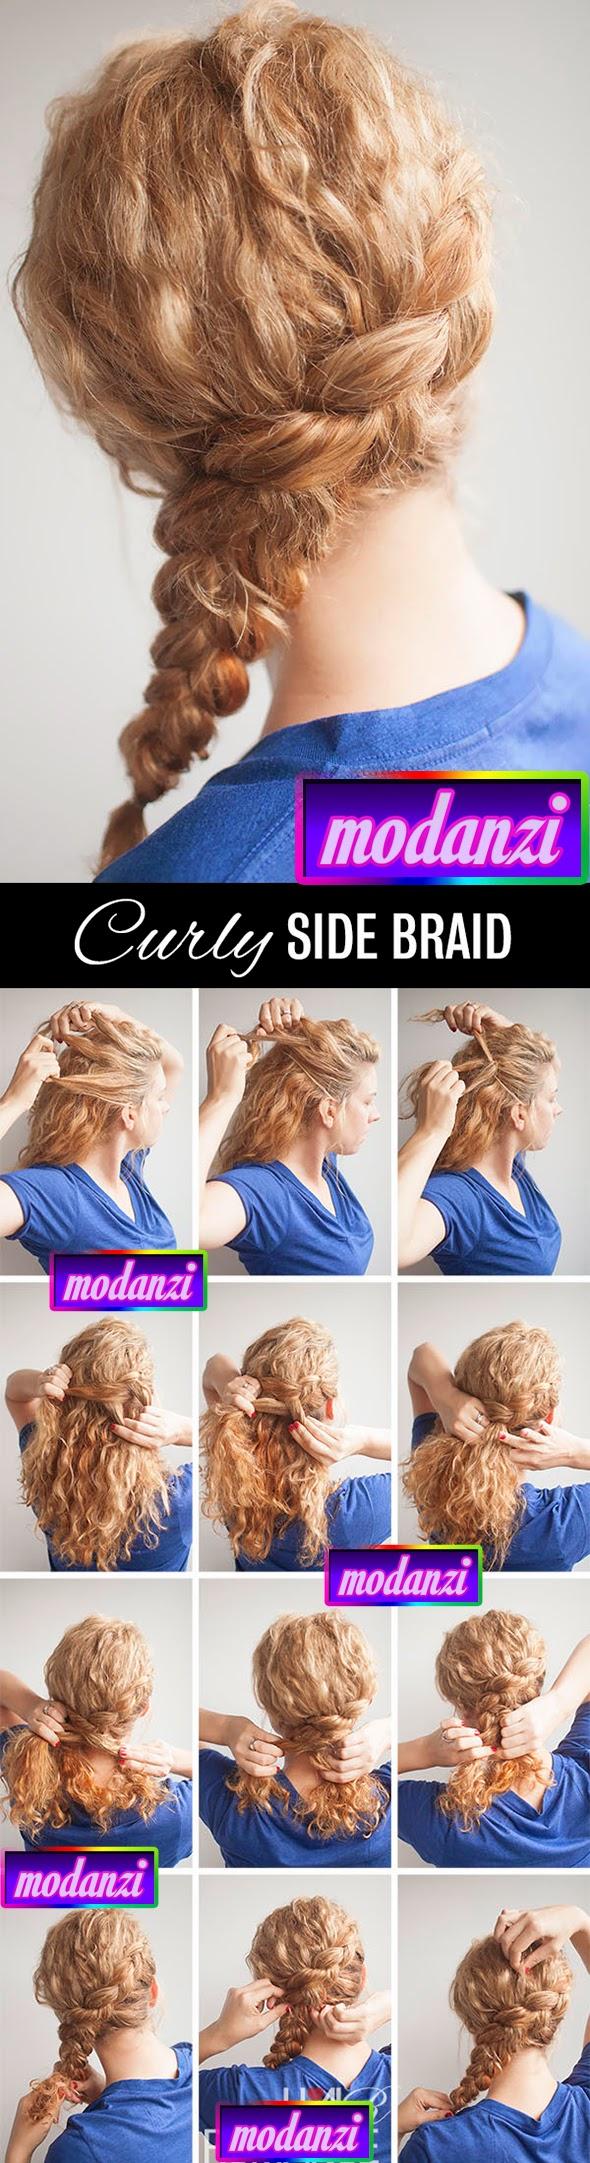 Kıvırcık Yan Örgü Saç Modeli Nasıl Yapılır ? (Resimli Anlatım)